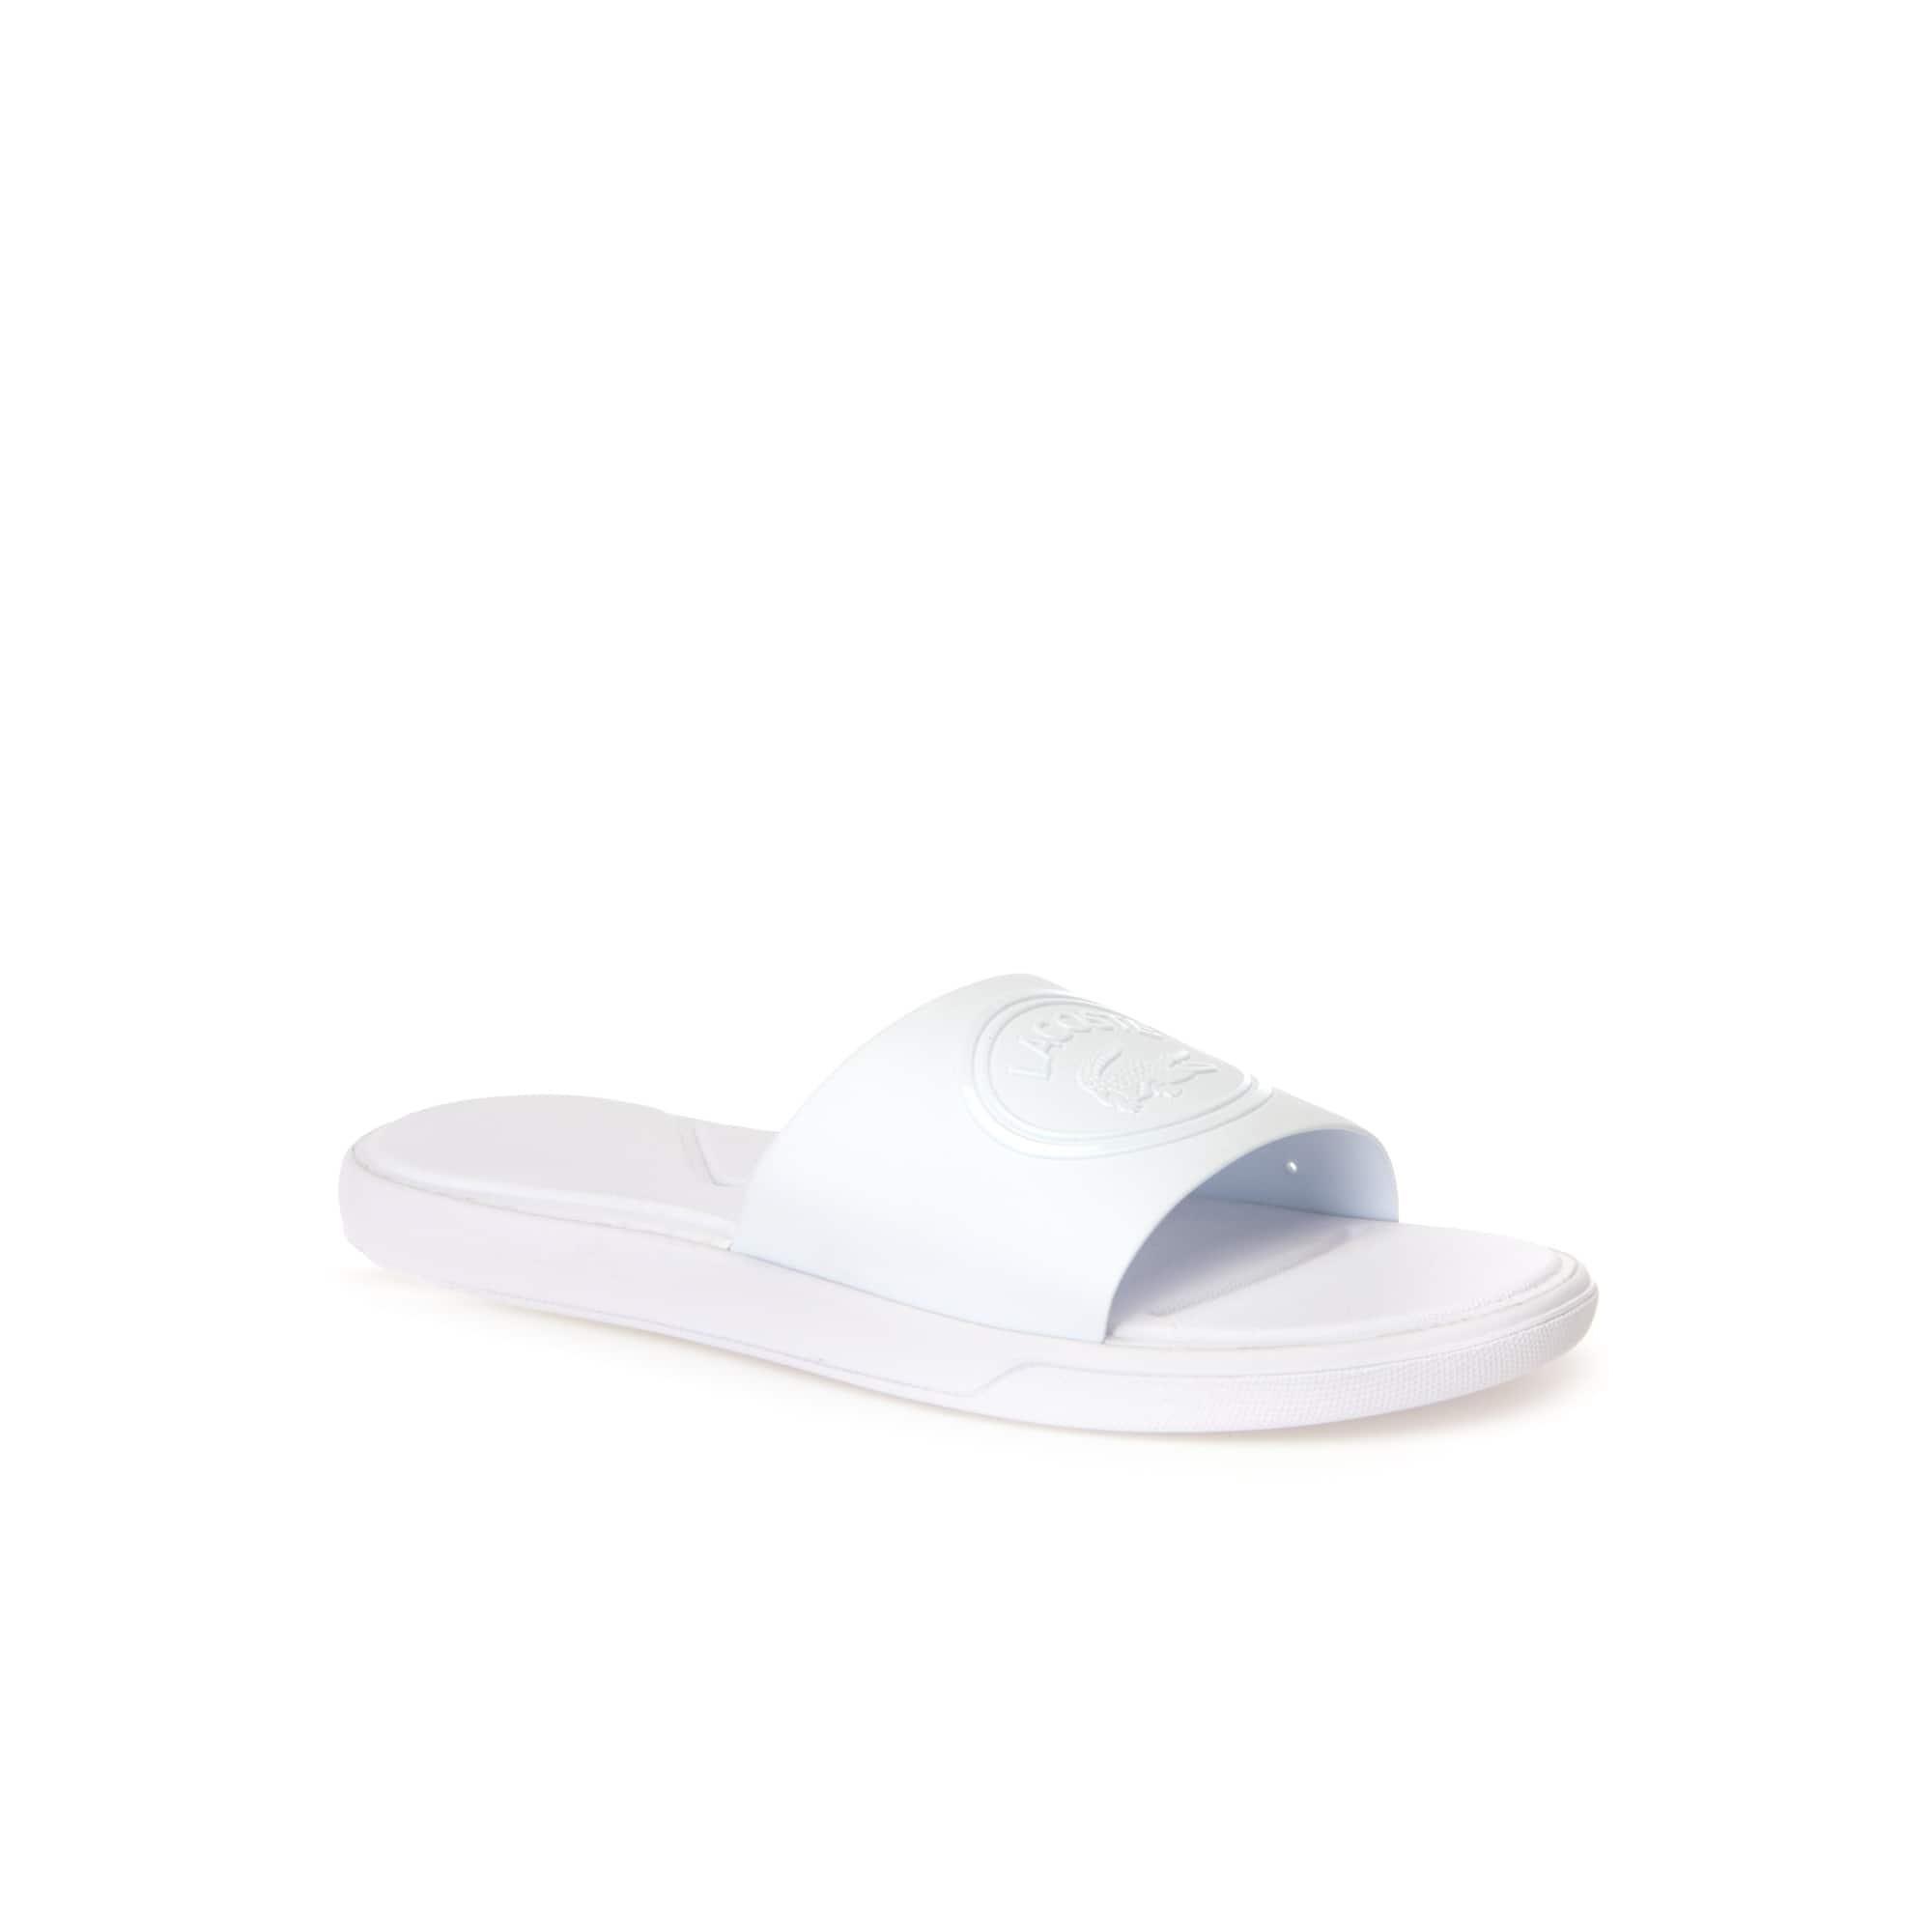 wybór premium wyprzedaż w sklepie wyprzedażowym bardzo popularny Shoes for Women | Footwear | LACOSTE